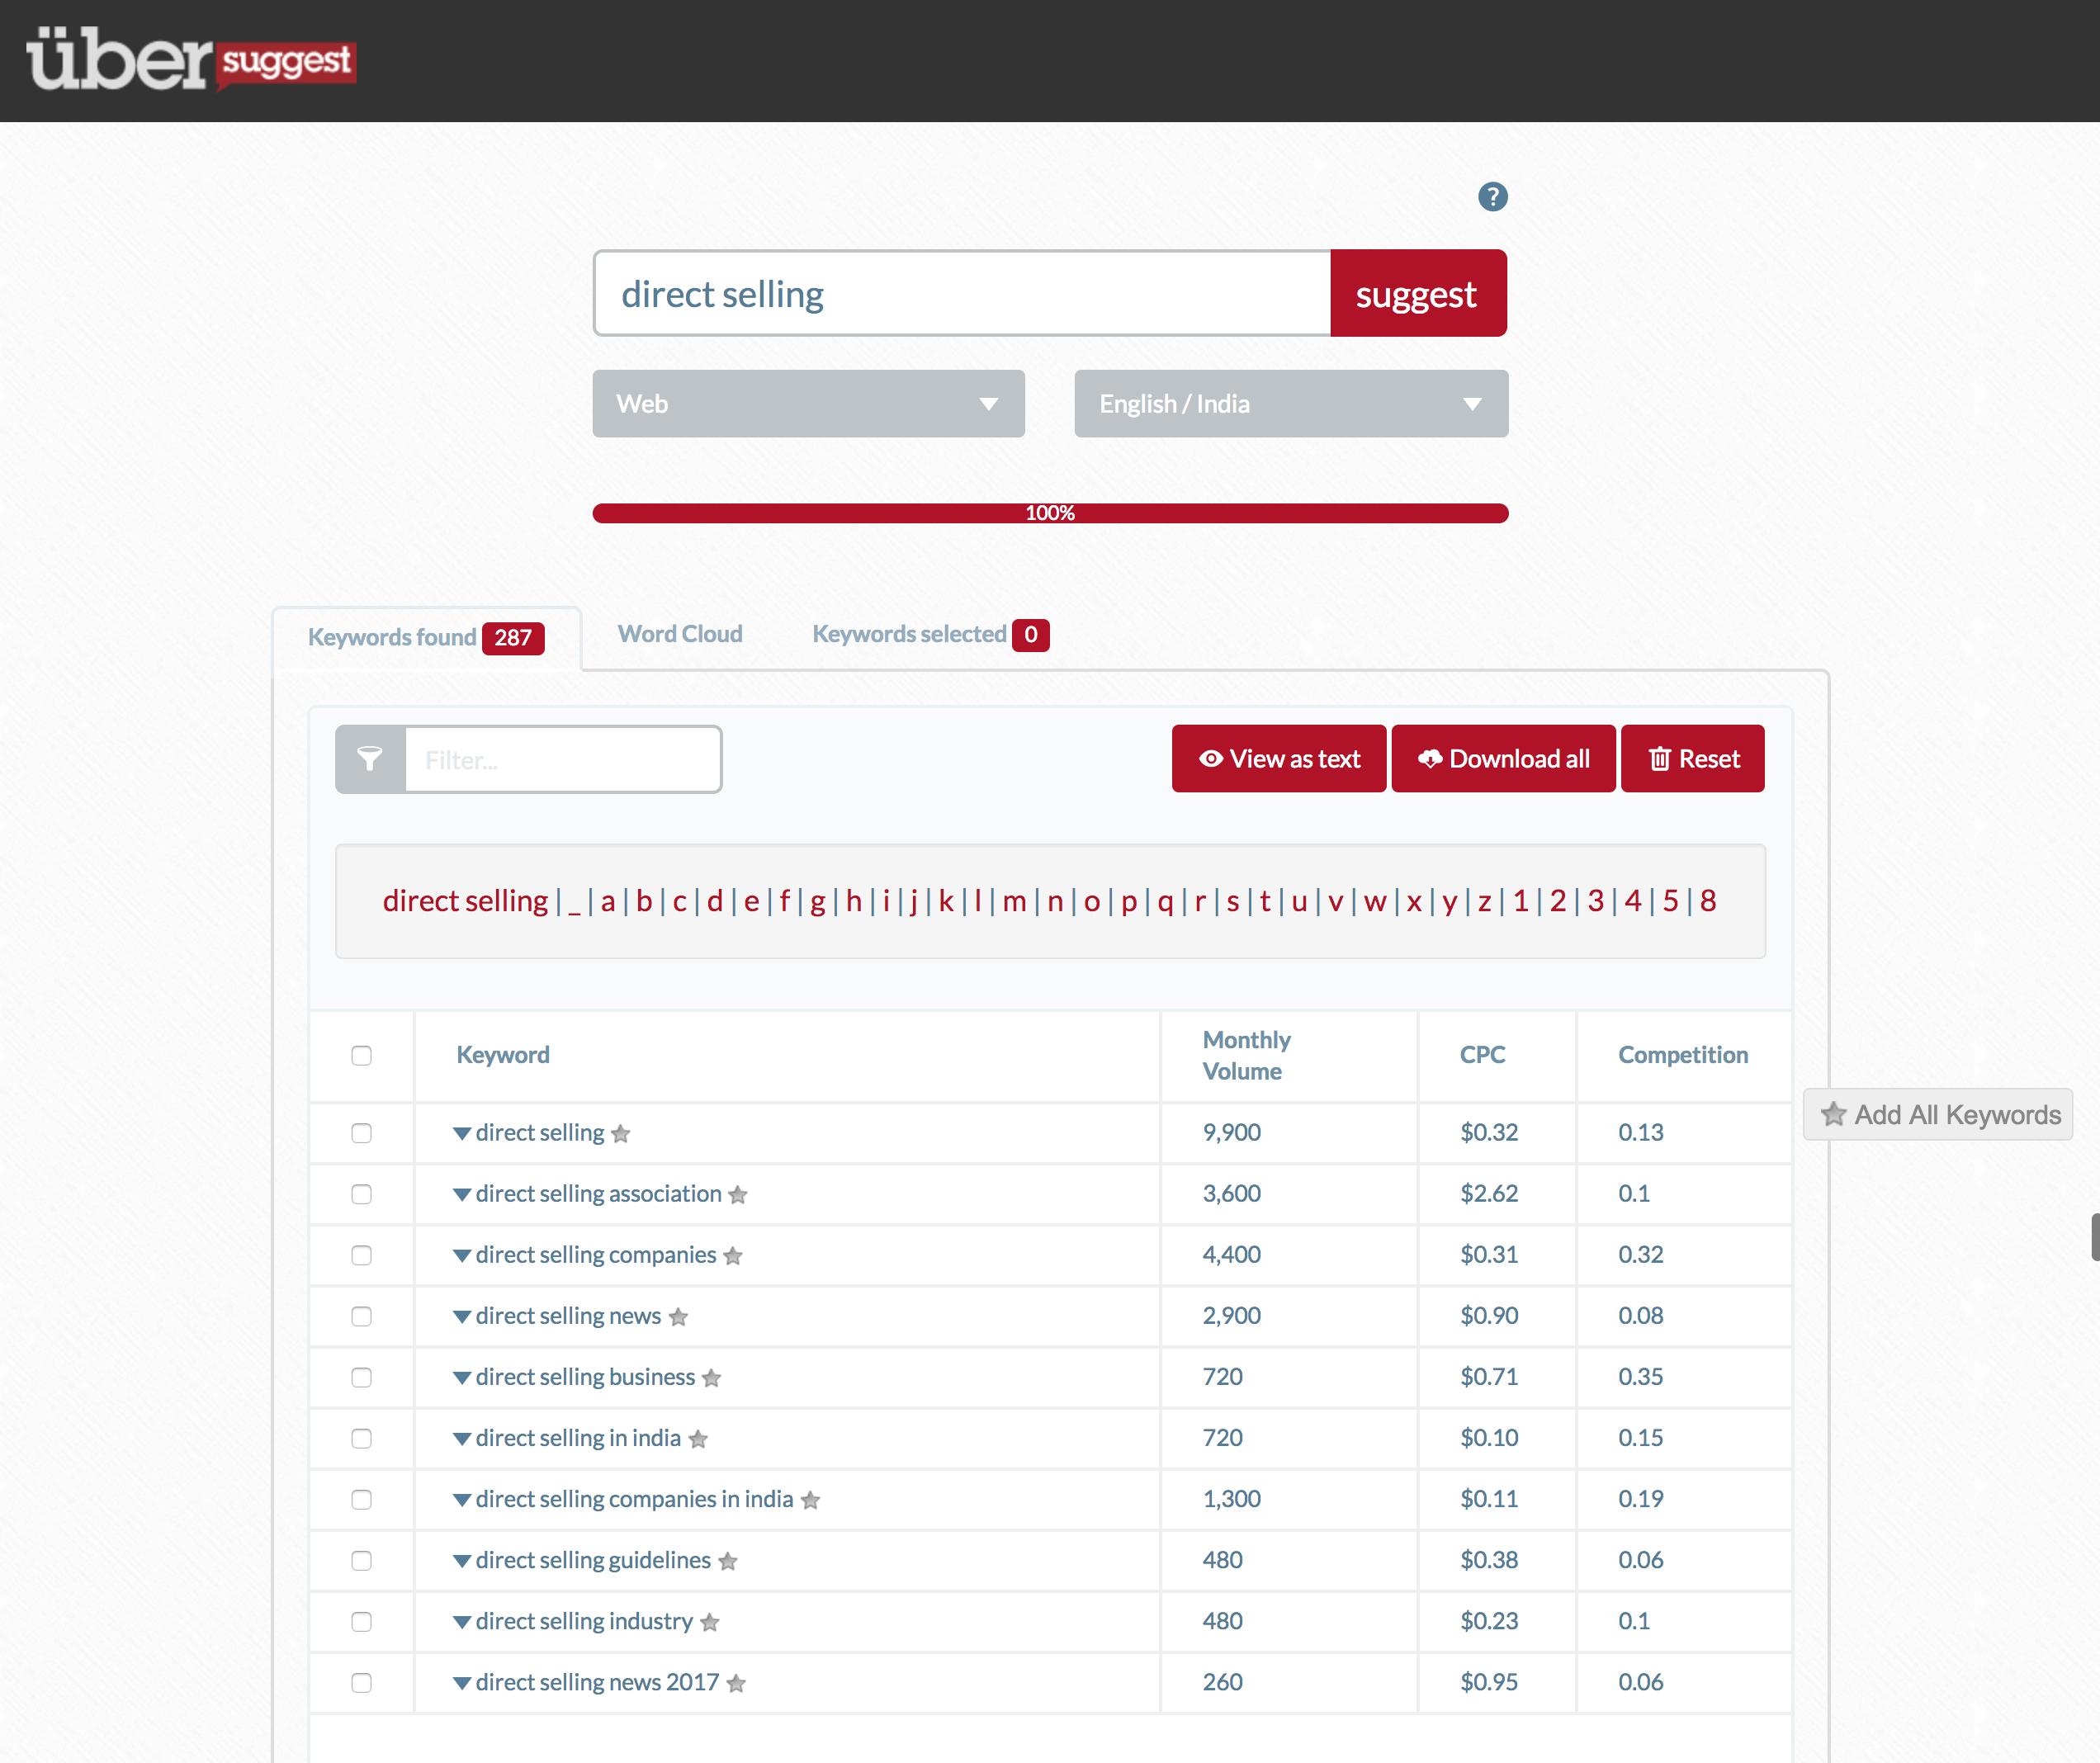 Ubersuggest's Free Keyword Tool Generate More Suggestions